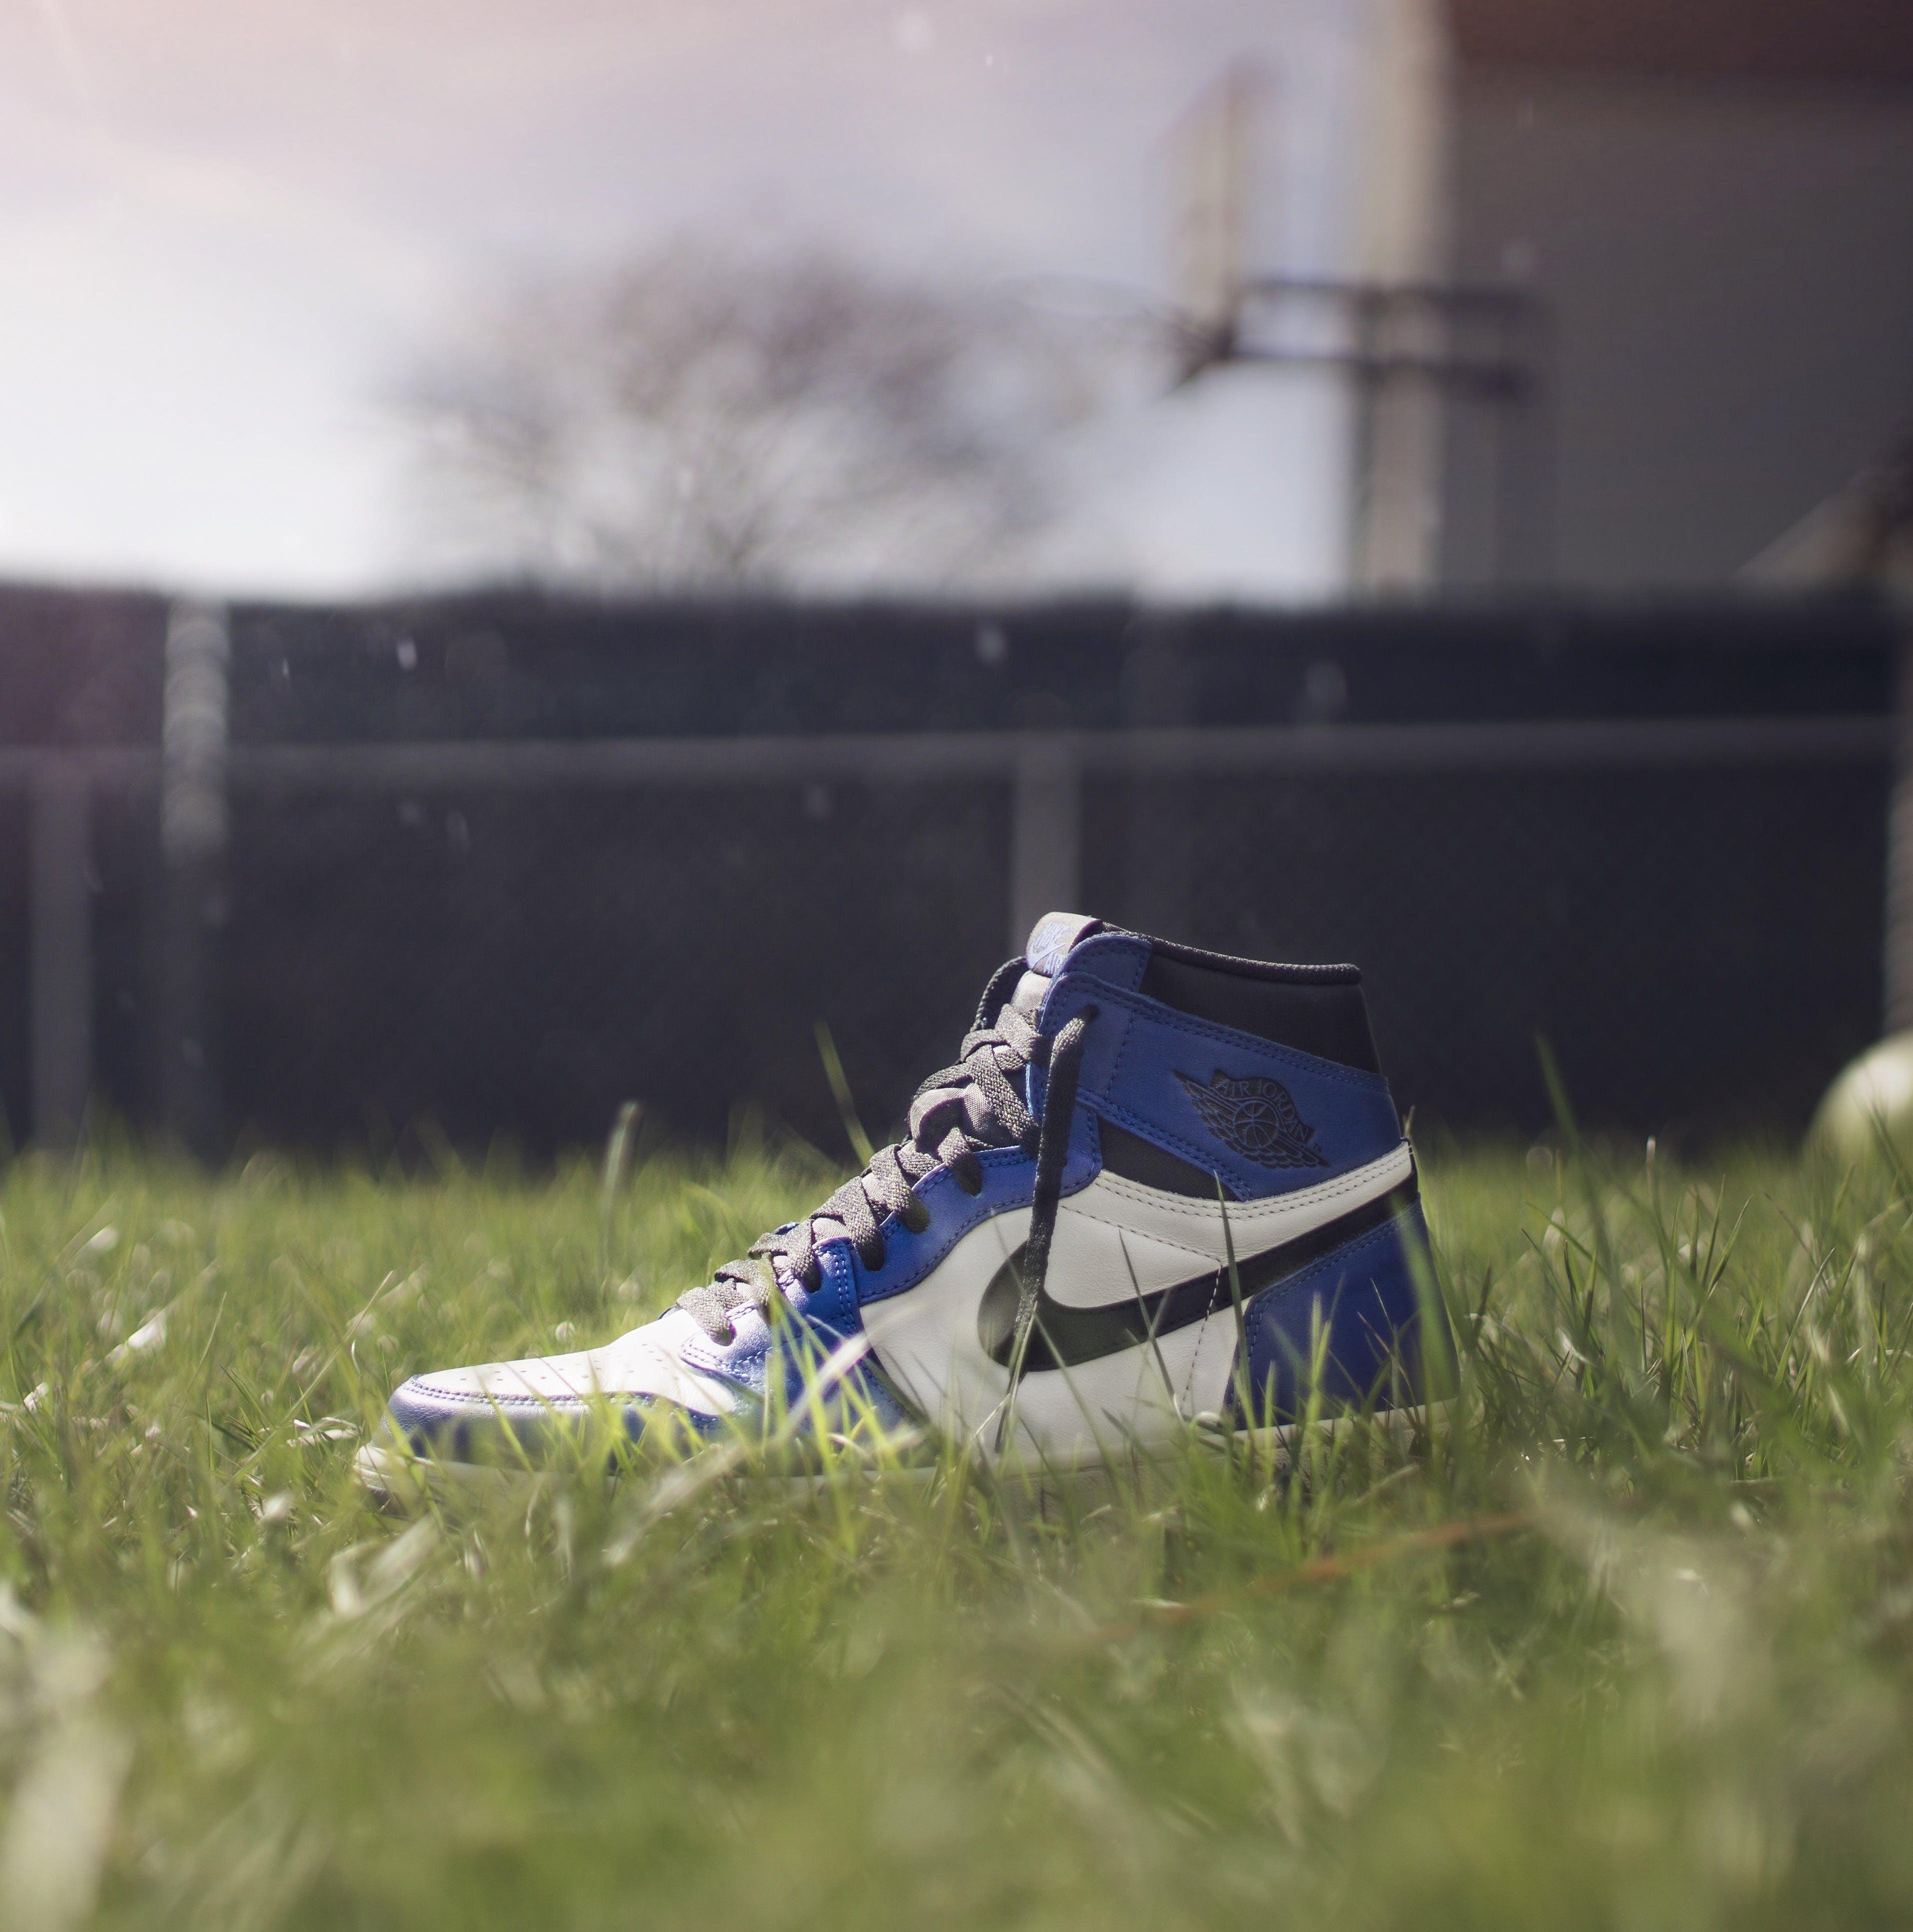 Selective Focus Photography of Air Jordan 1 On Grass